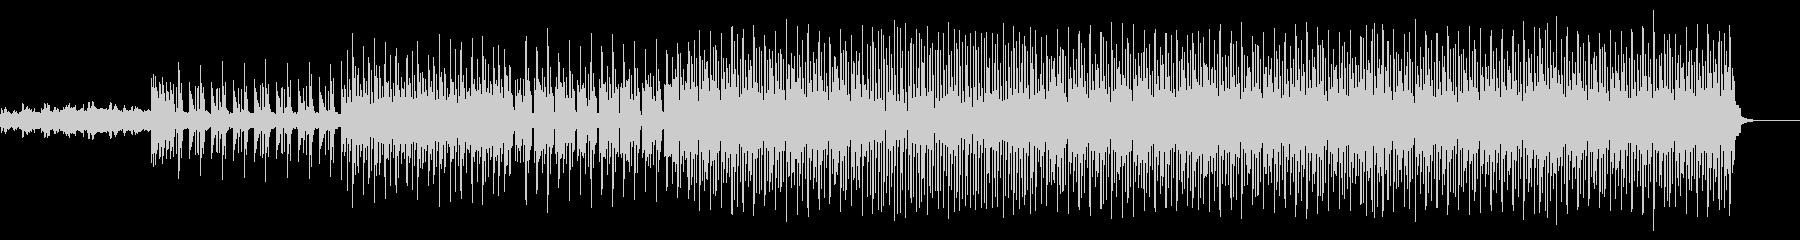 80年代サウンド多用の優しいポップの未再生の波形